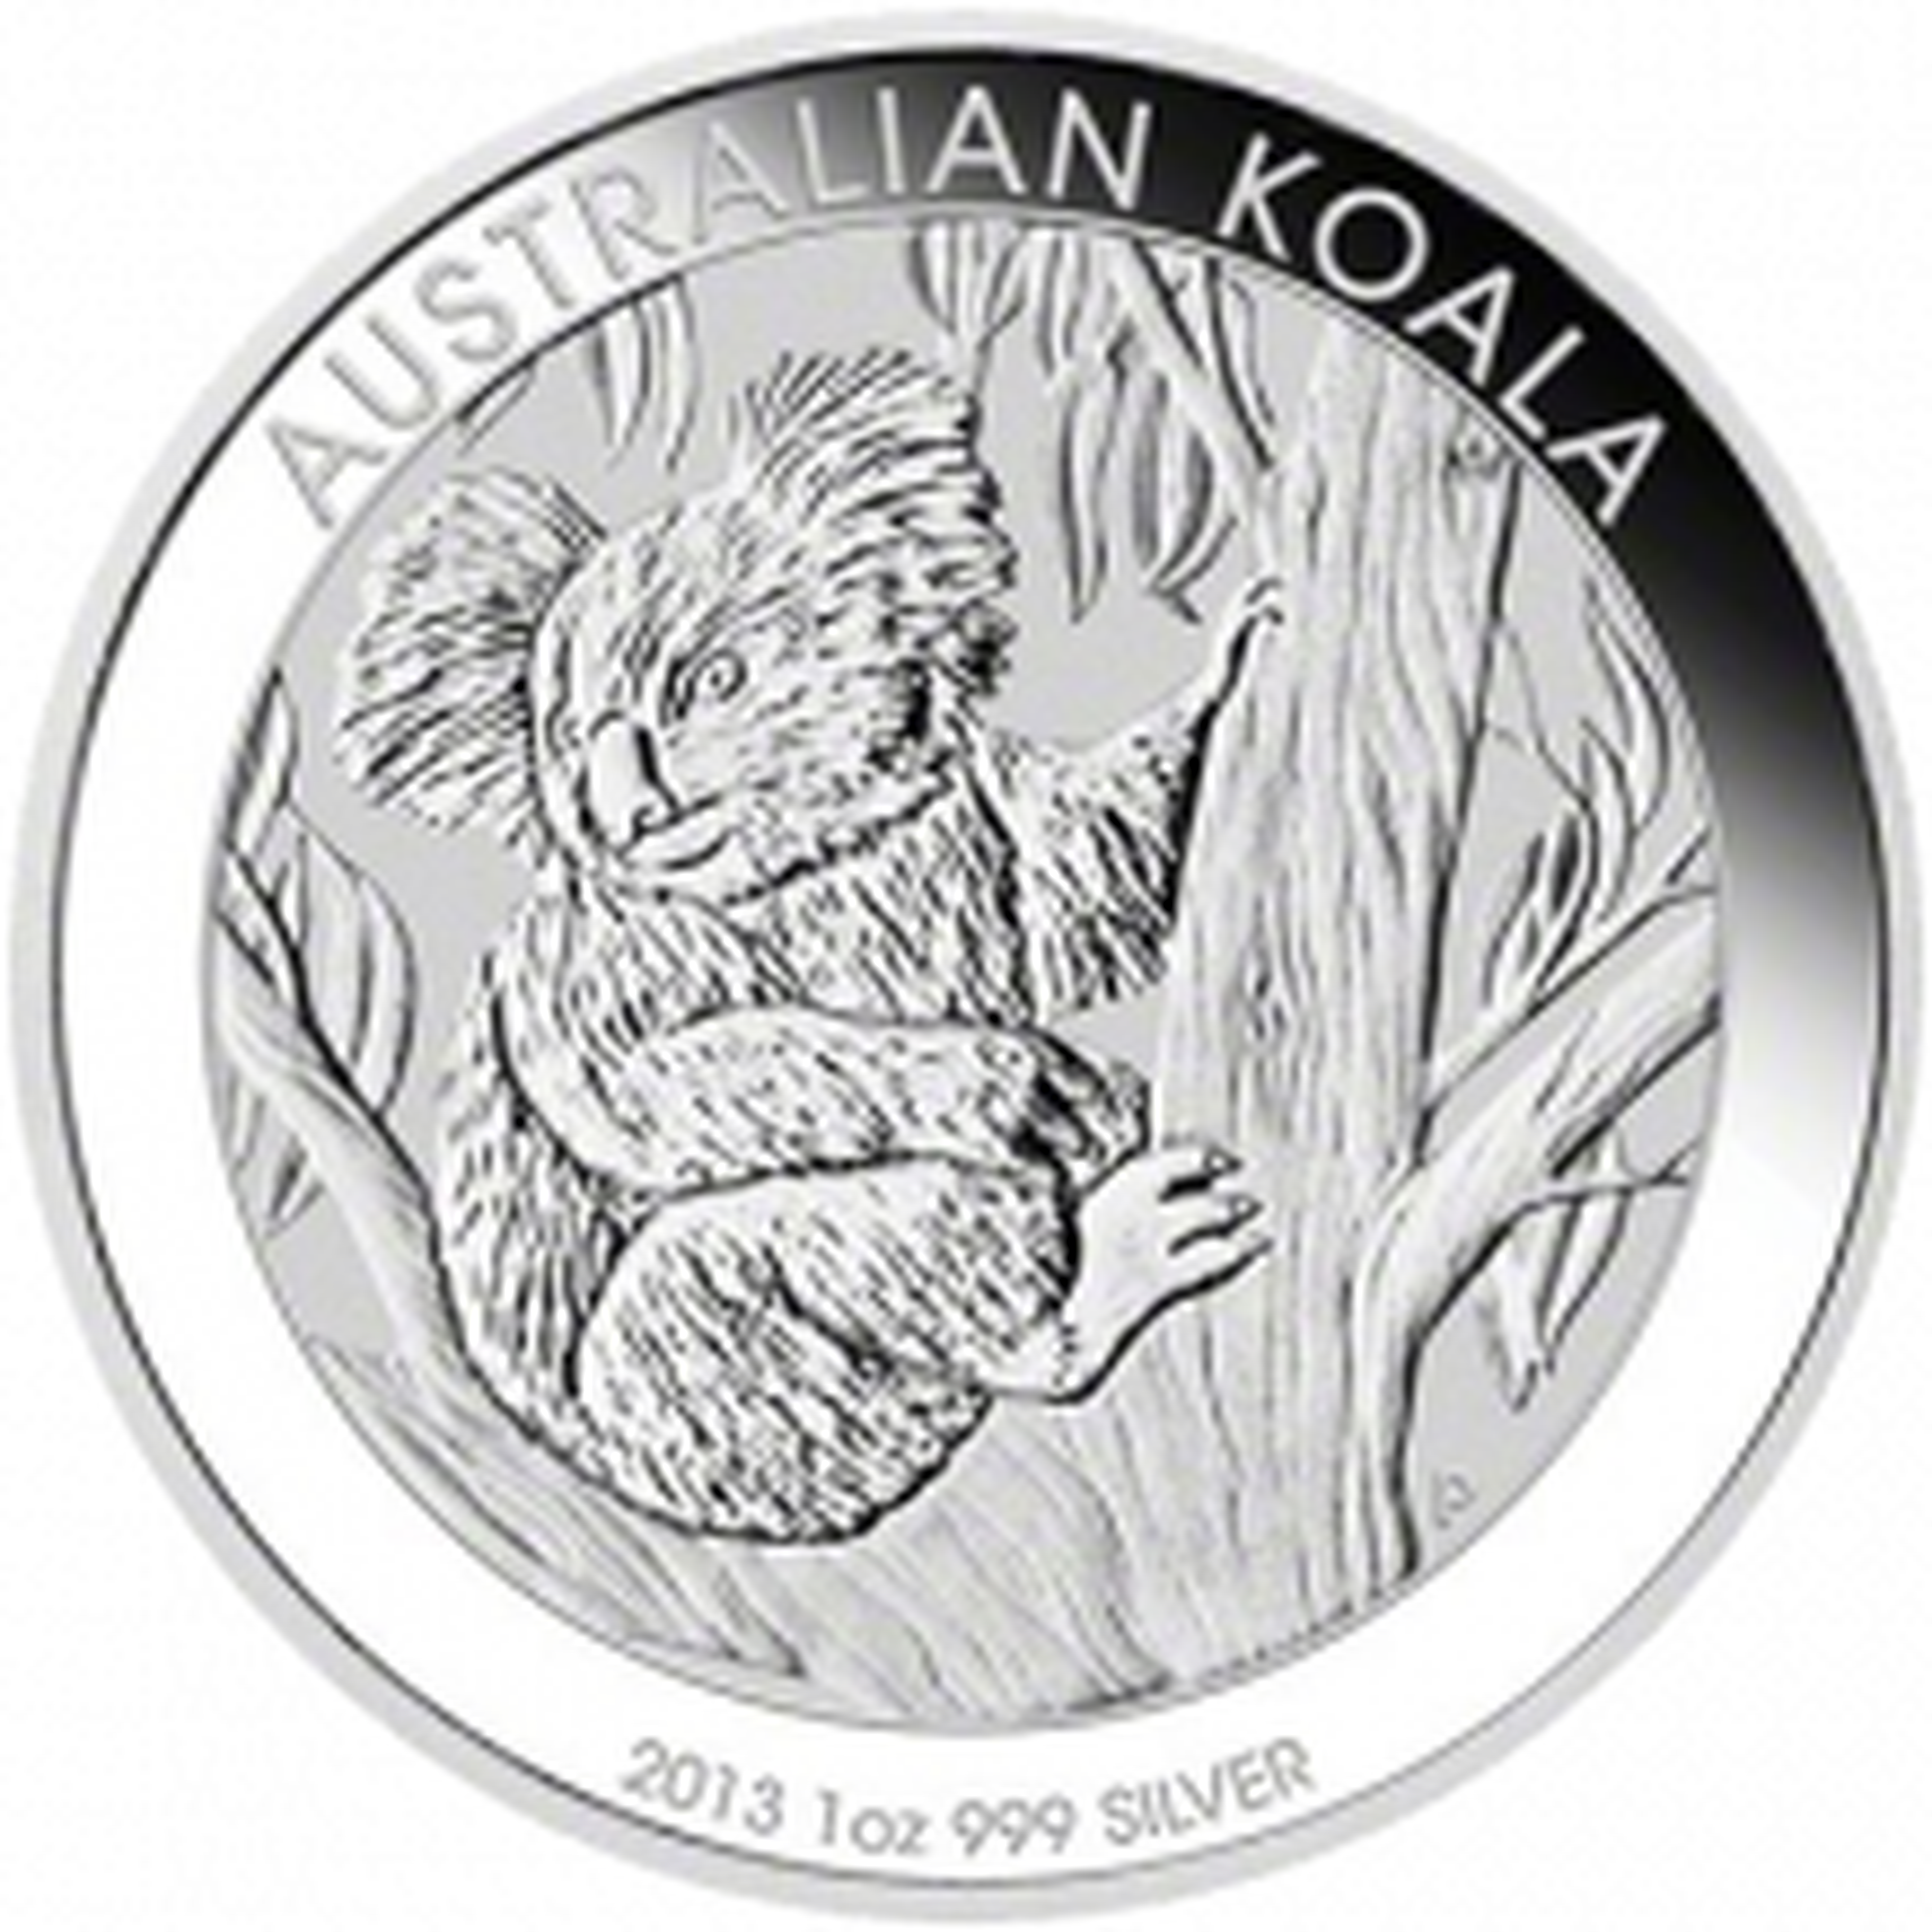 1 Kilo Koala silver coin 2013